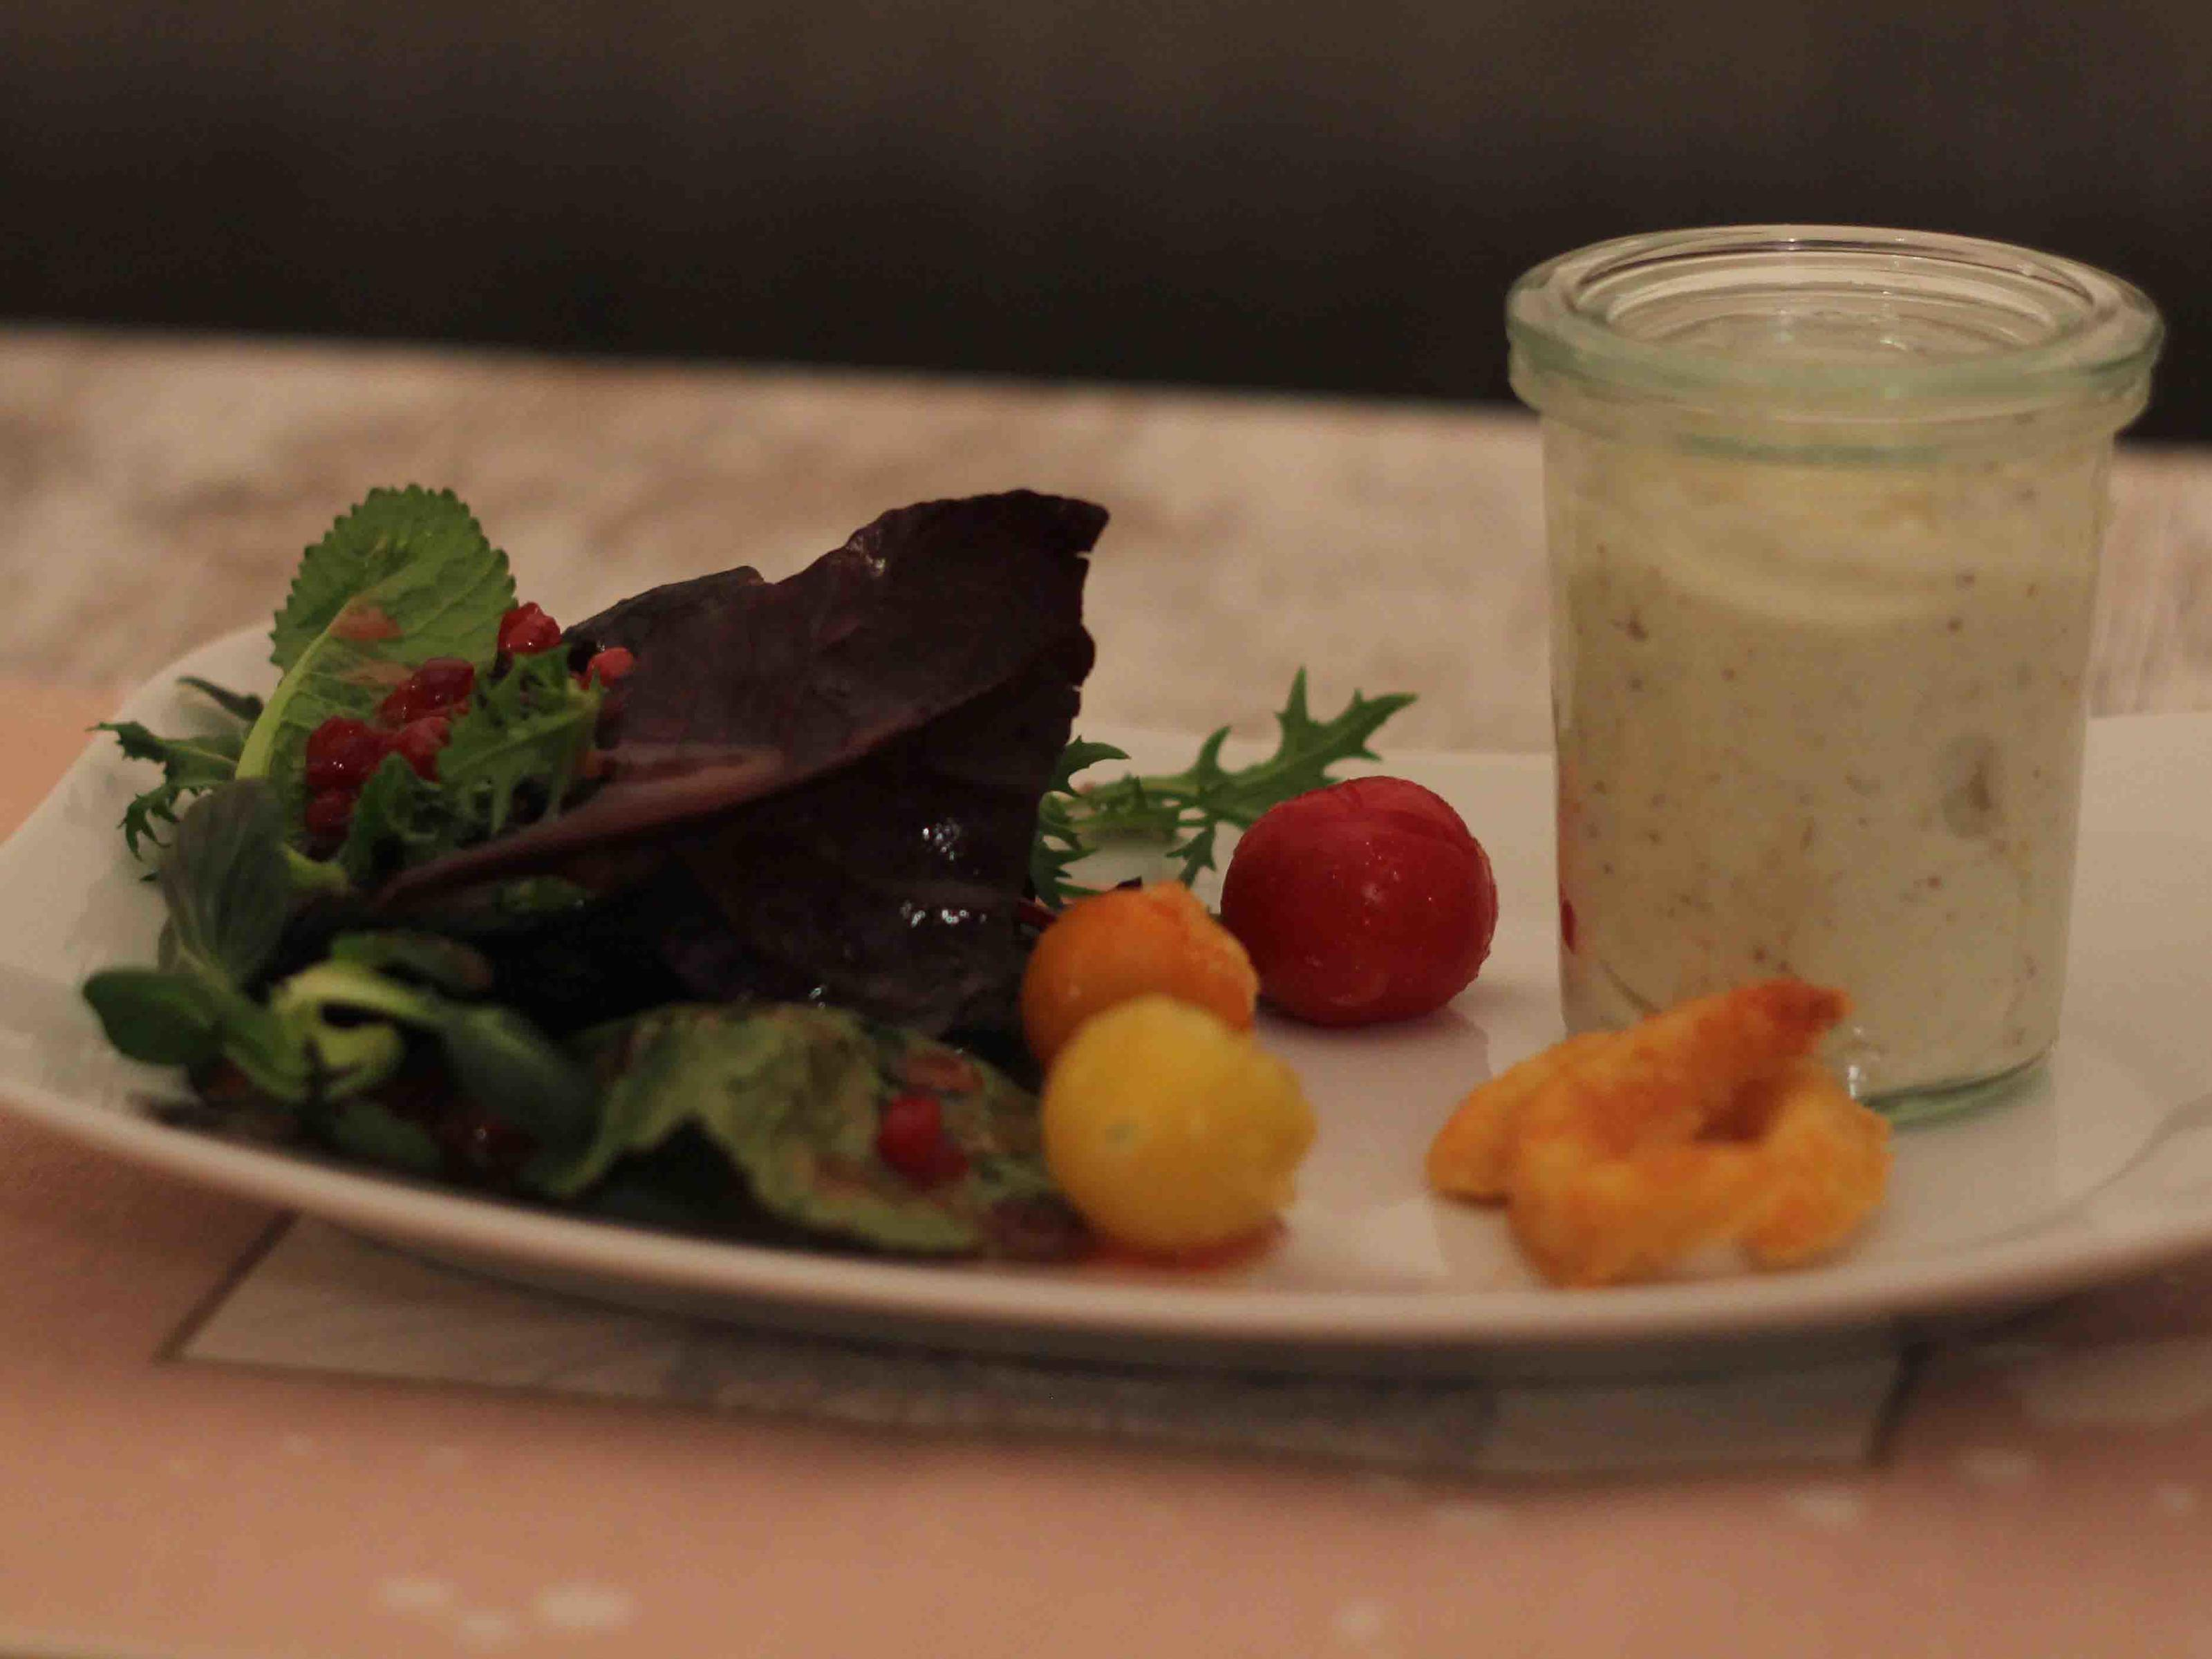 Frischkäsemousse mit Blattsalat an Preiselbeer-Dressing - Rezept von Das perfekte Dinner